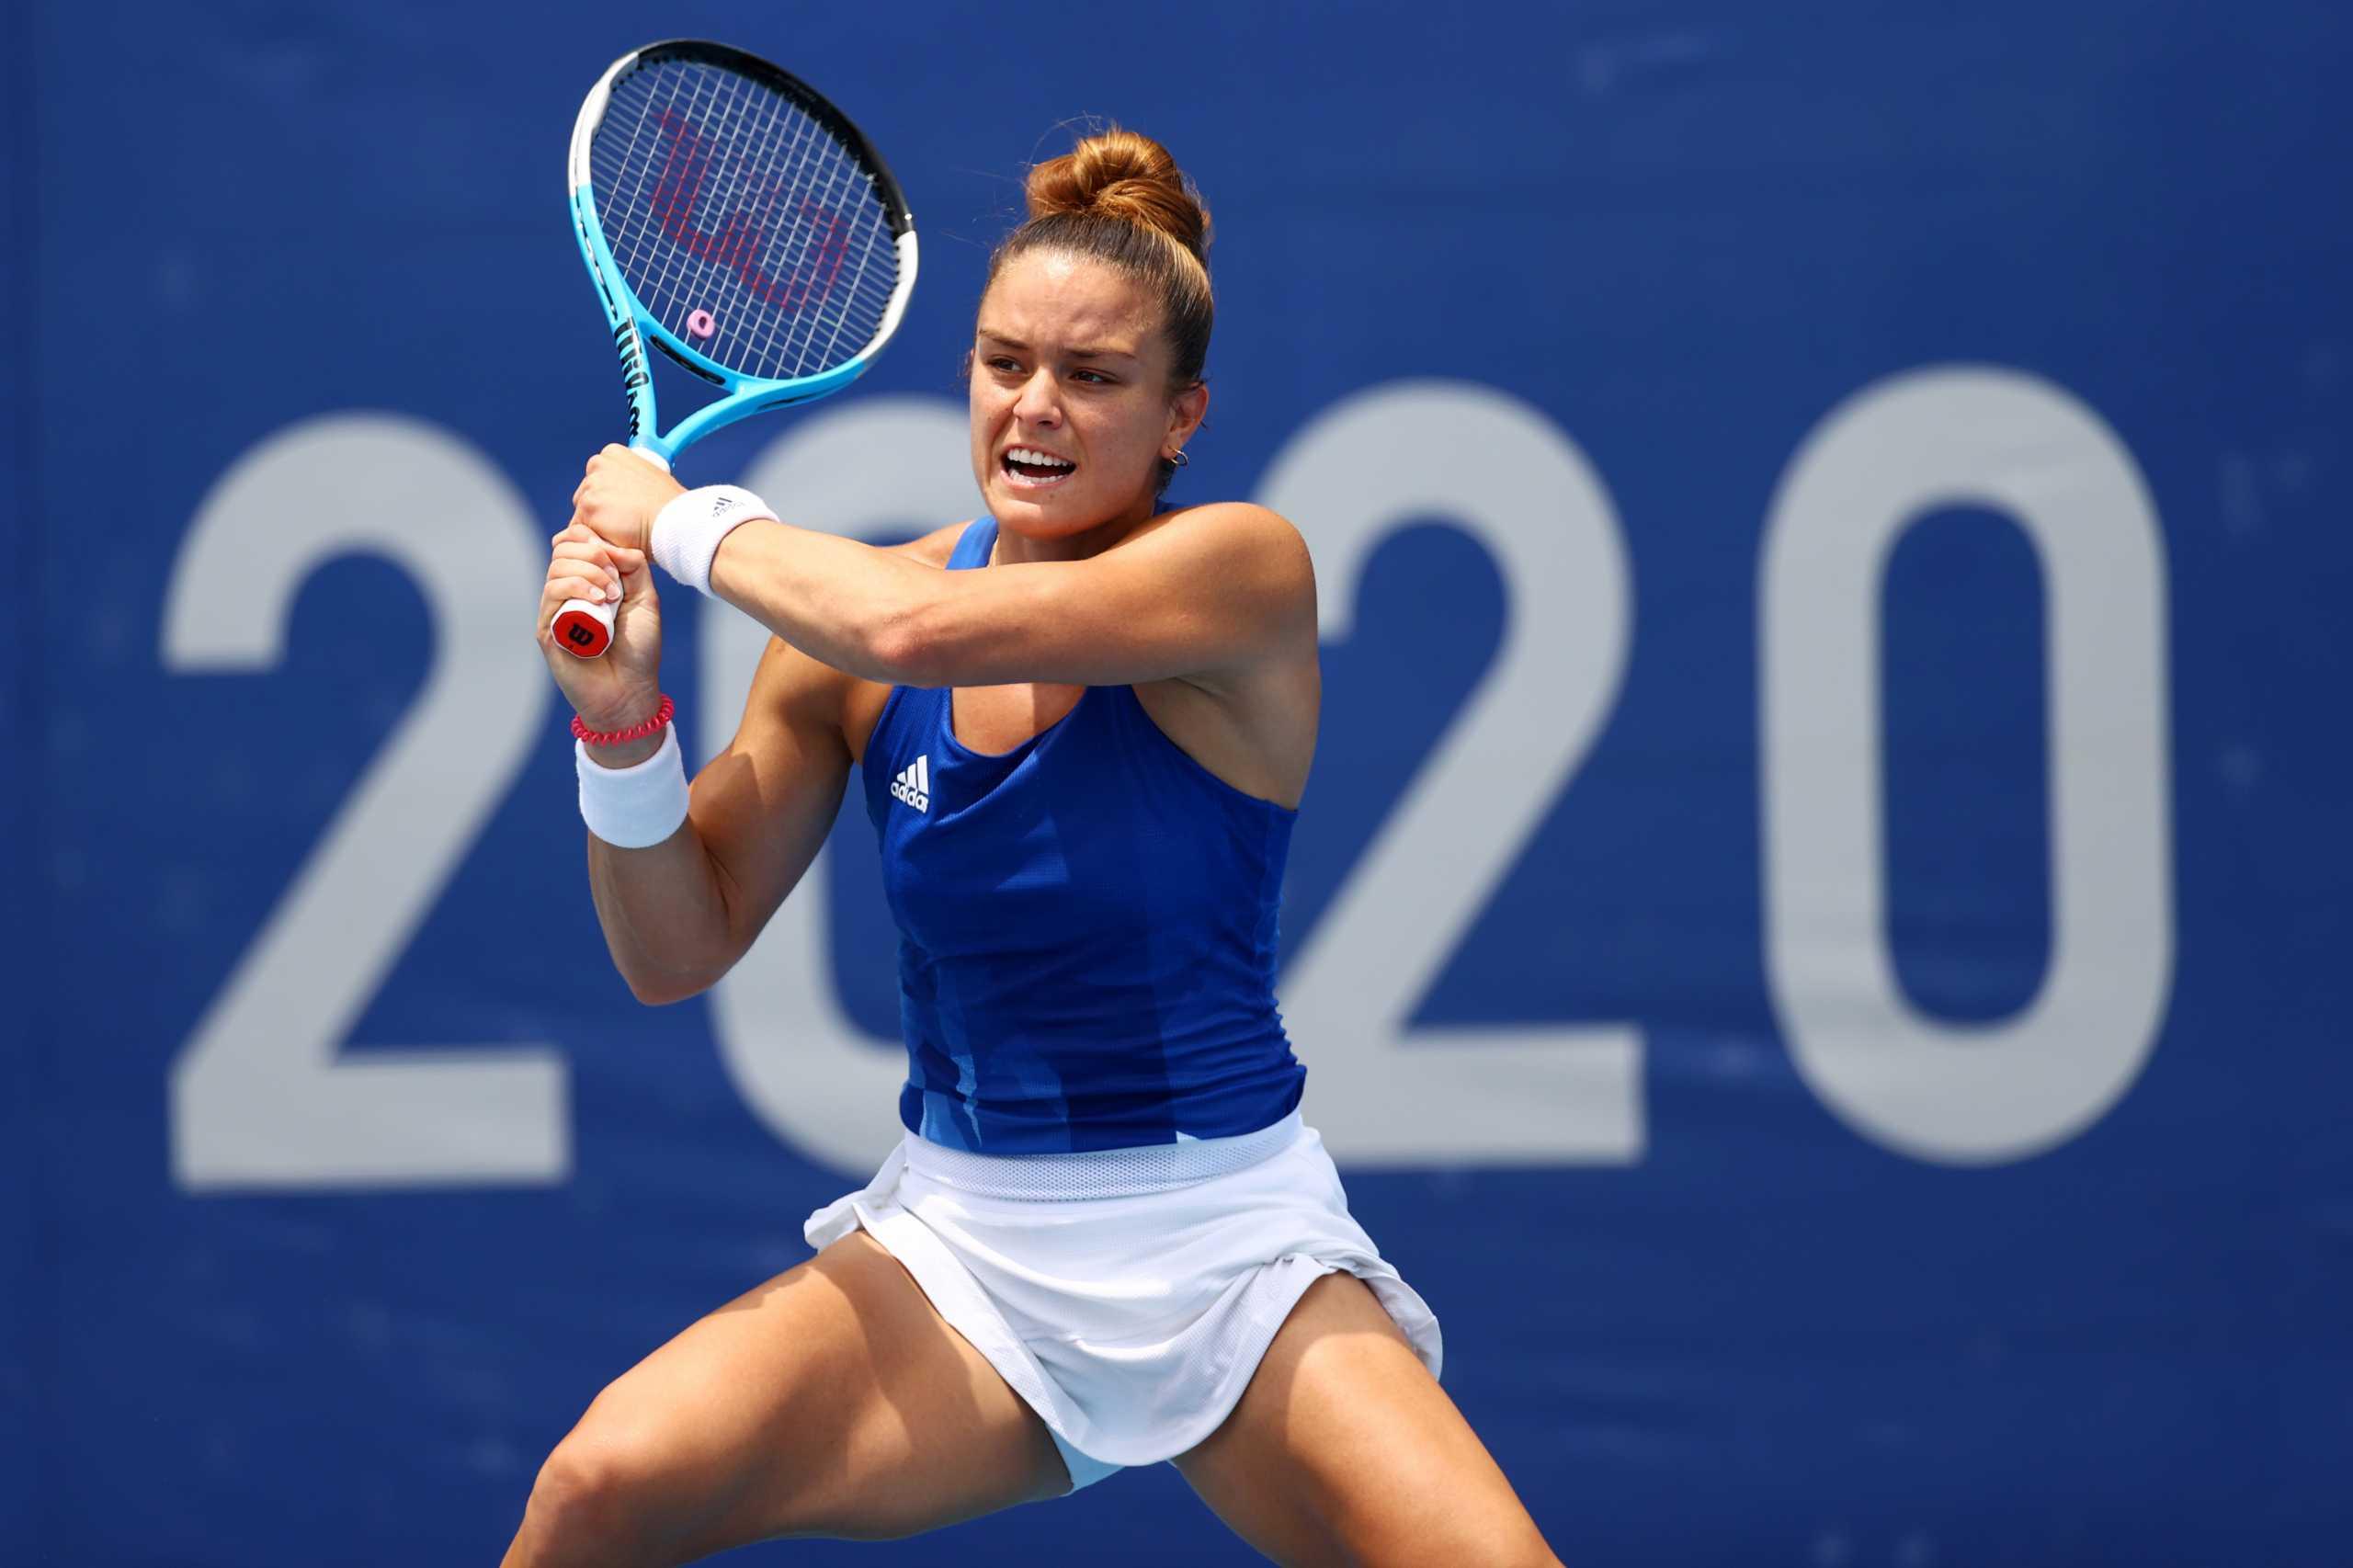 Μαρία Σάκκαρη – Νίνα Στογιάνοβιτς 2-0: Σαρωτική η Ελληνίδα πρωταθλήτρια, προκρίθηκε στη φάση των «16» των Ολυμπιακών Αγώνων